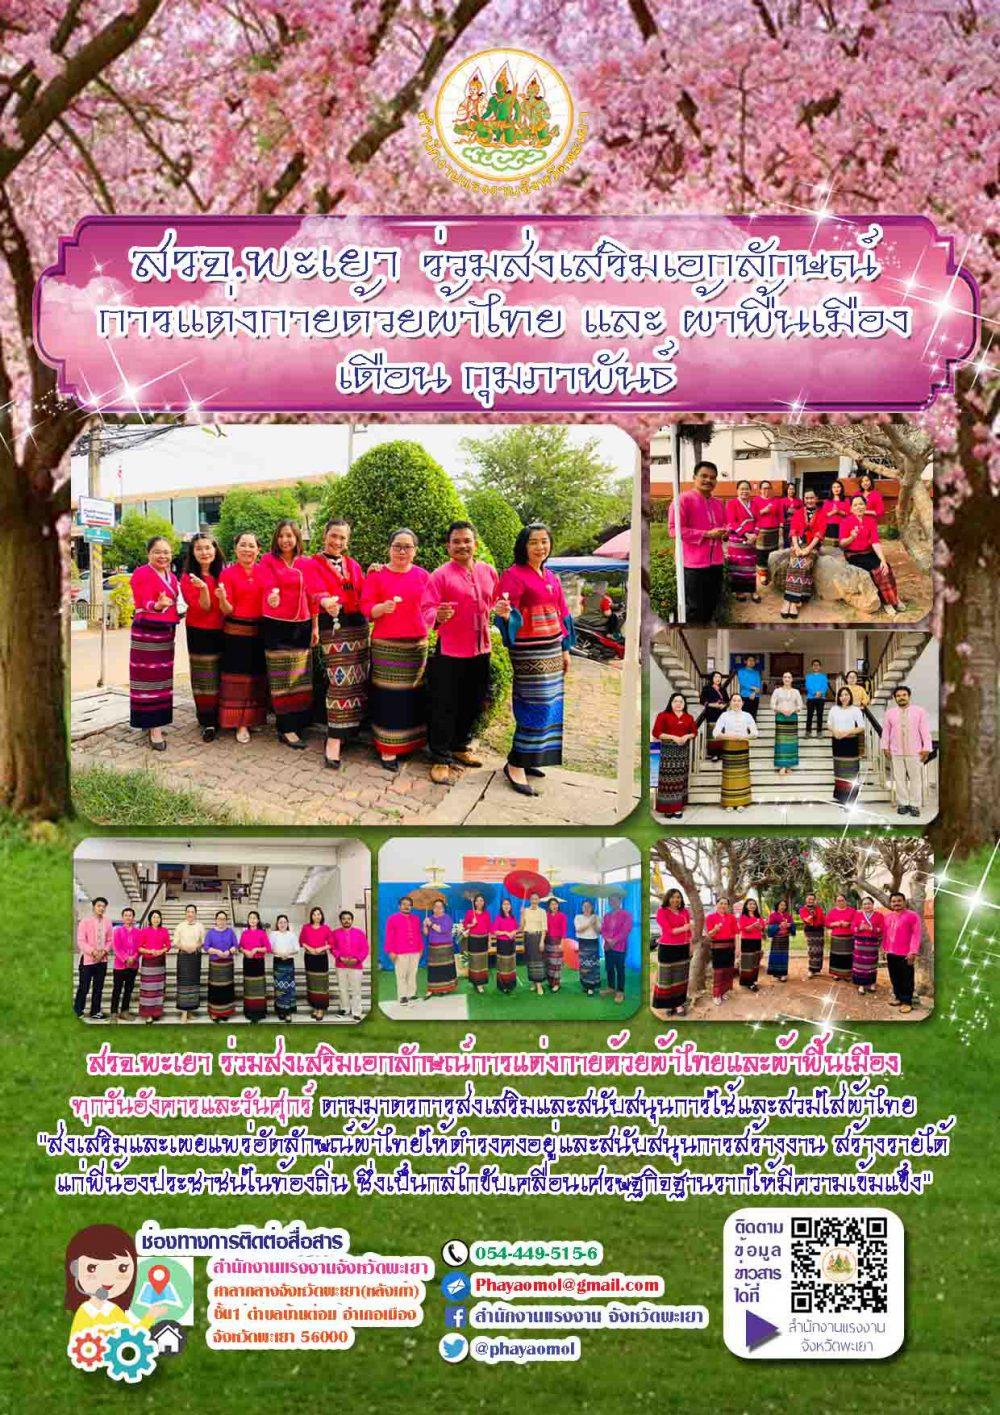 สรจ.พะเยา ร่วมส่งเสริมเอกลักษณ์การแต่งกายด้วยผ้าไทย และ ผ้าพื้นเมือง เดือน กุมภาพันธ์ 2564